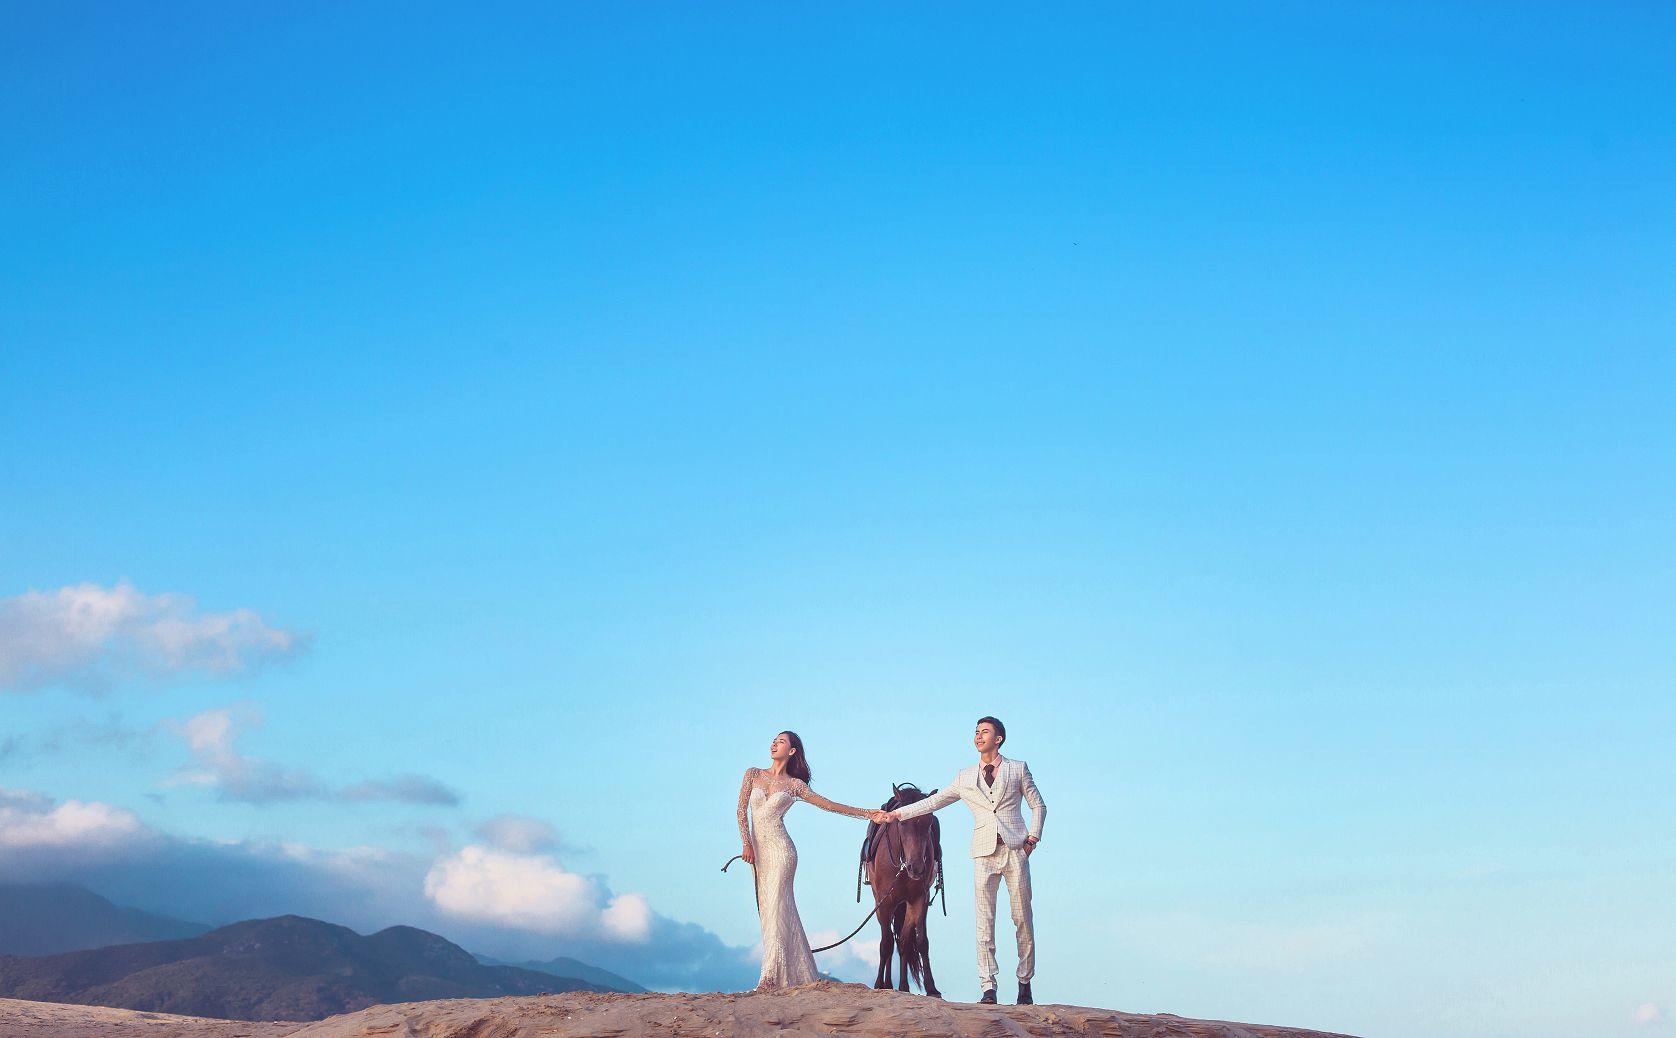 三亚旅拍路线,三亚拍婚纱照最佳月份